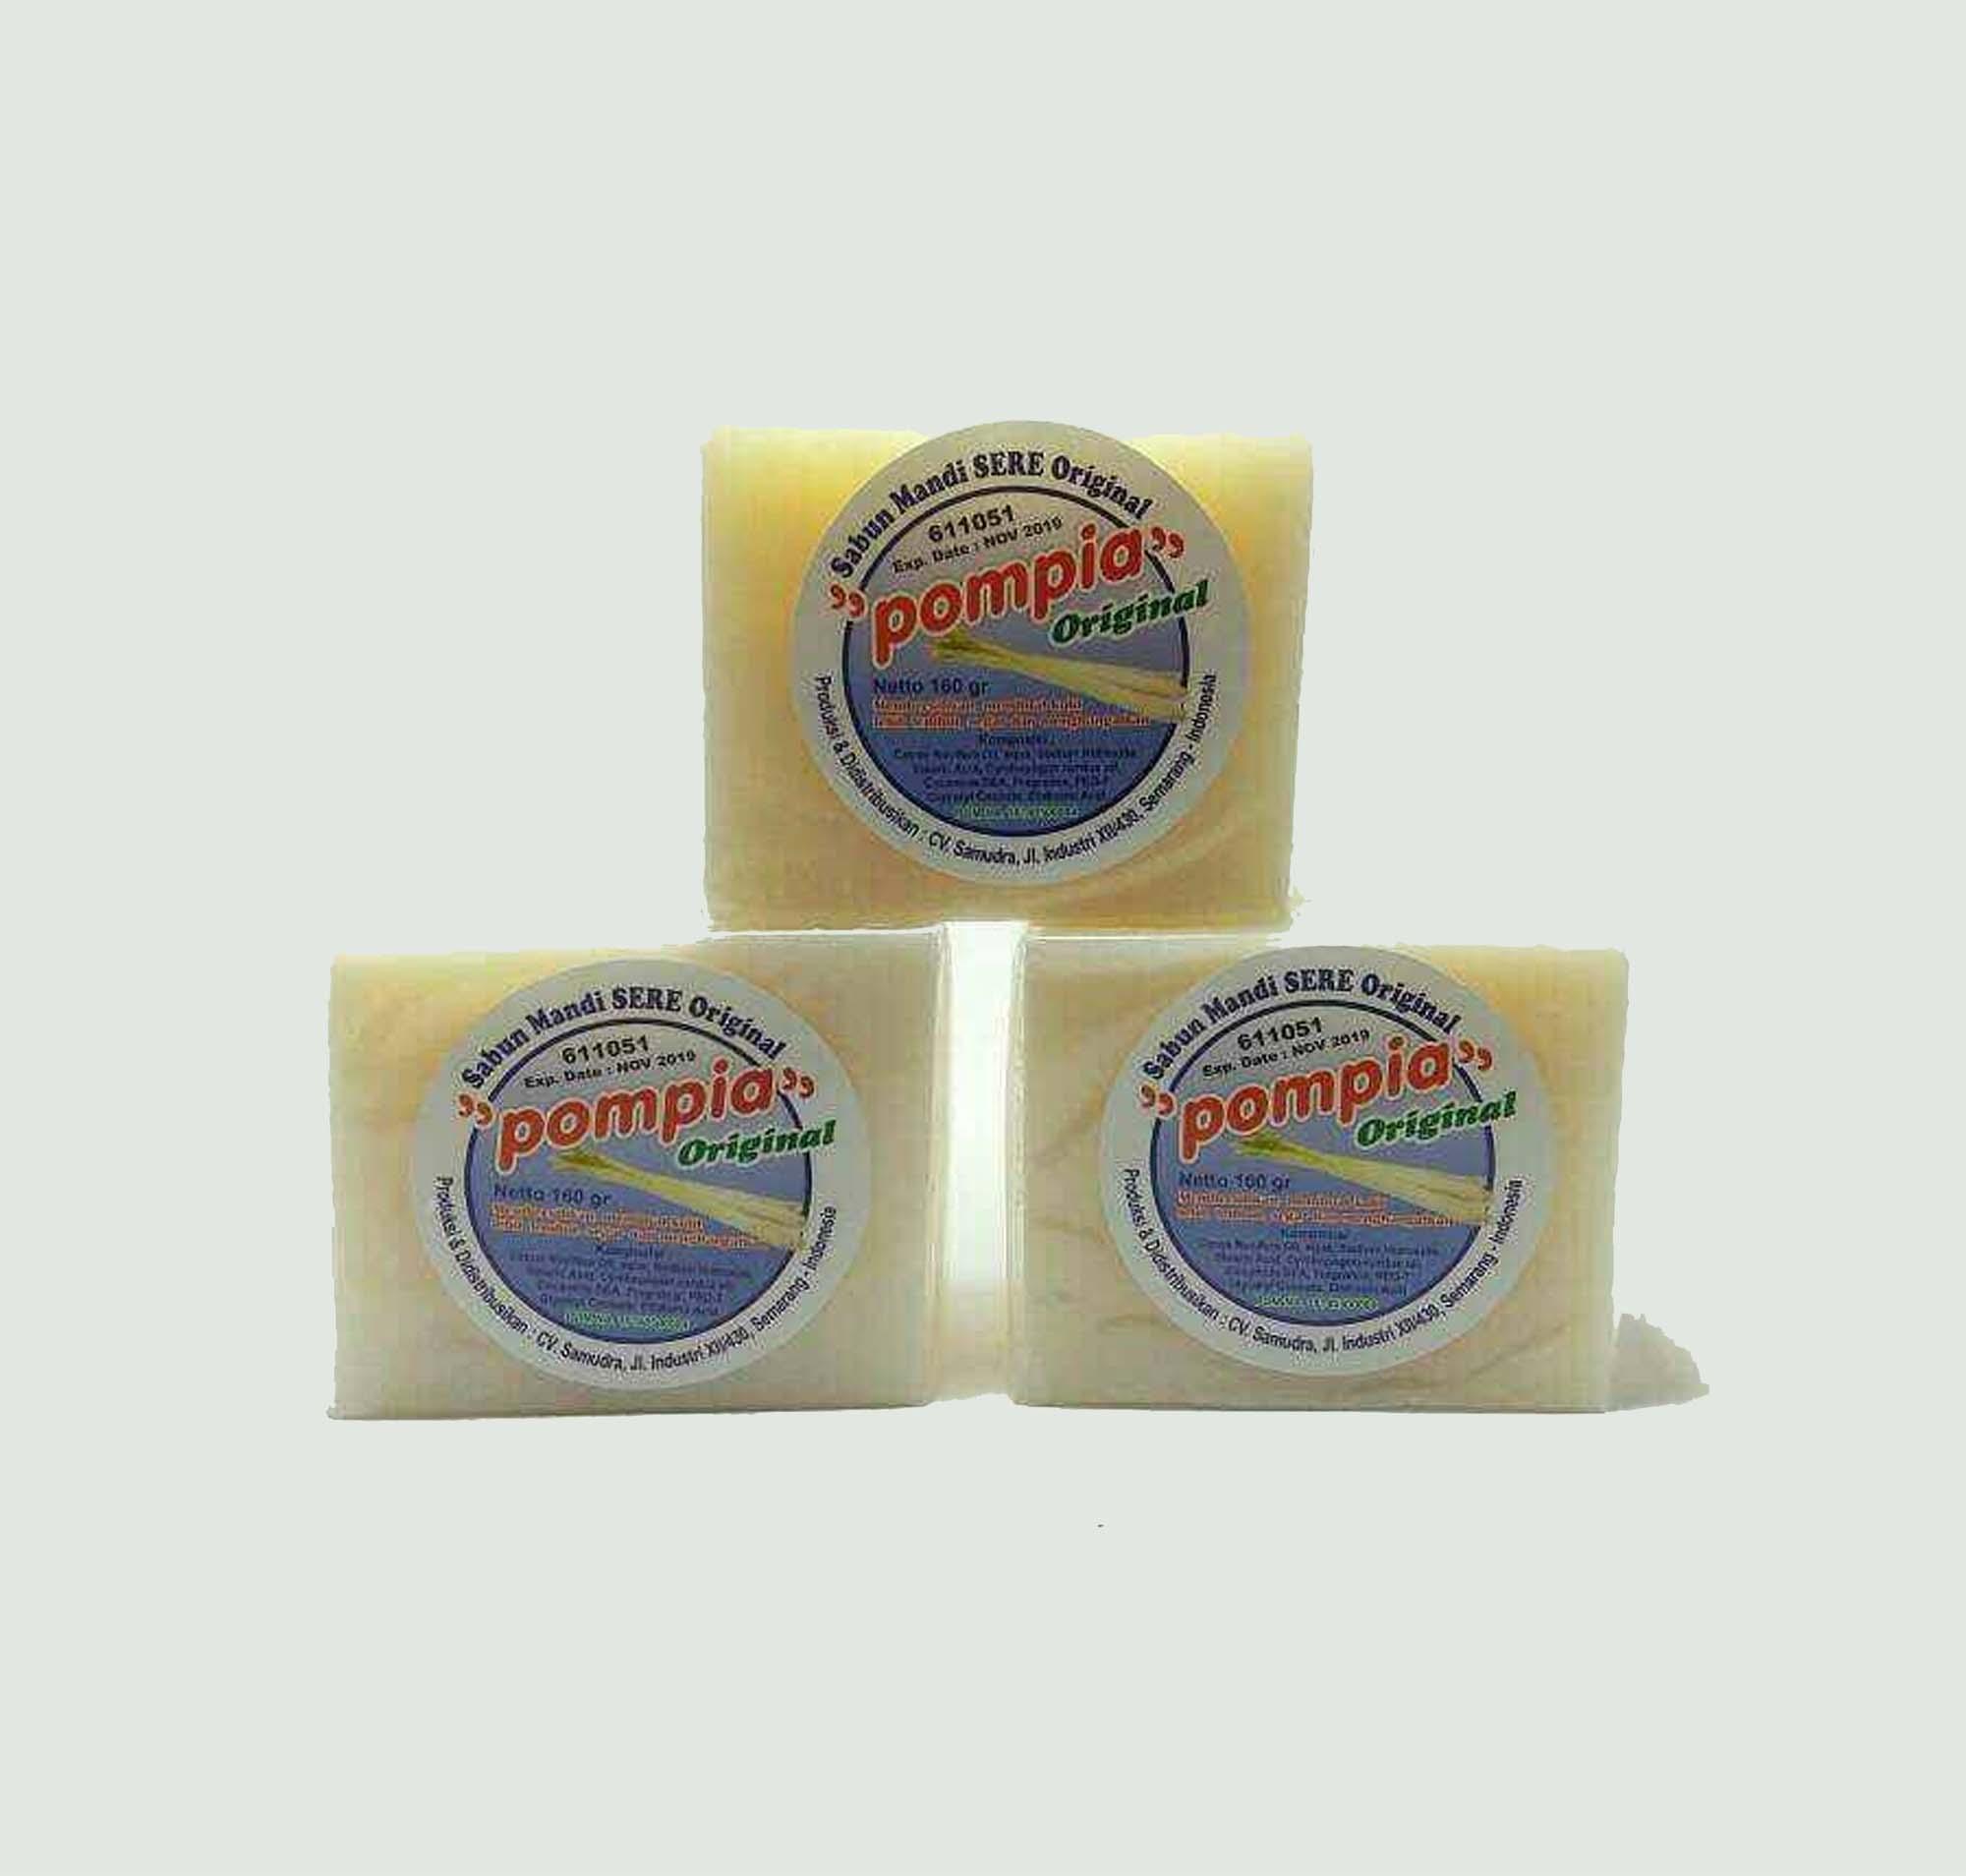 Pompia Kotak 160gram Sabun Mandi Sereh 4 Pcs Daftar Harga Termurah 160 Gram Herborist Sere Soap Original 160gr 3